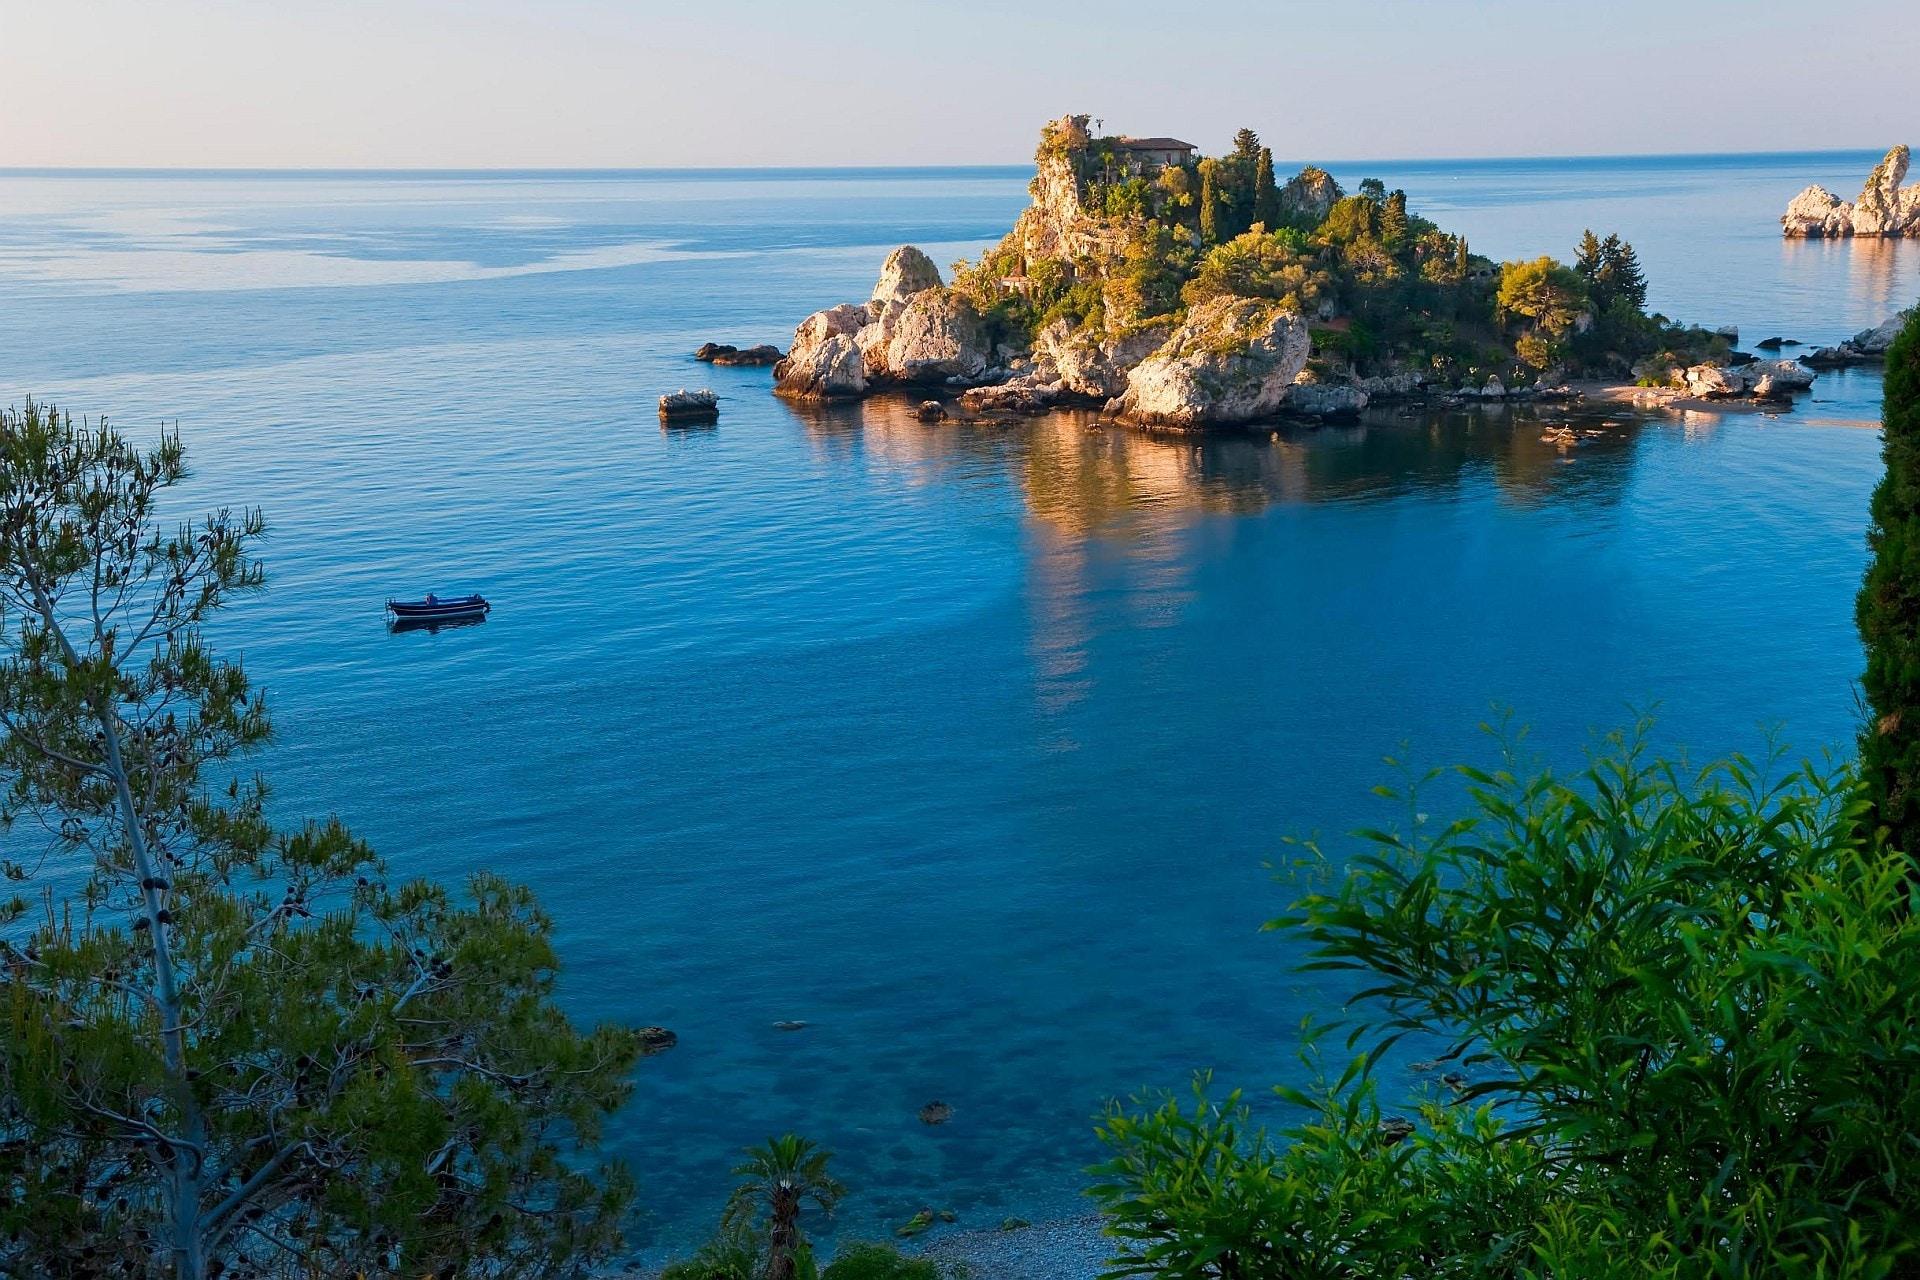 Sicilia dall 39 etna al mare di taormina il sole 24 ore - La finestra sul mare taormina ...